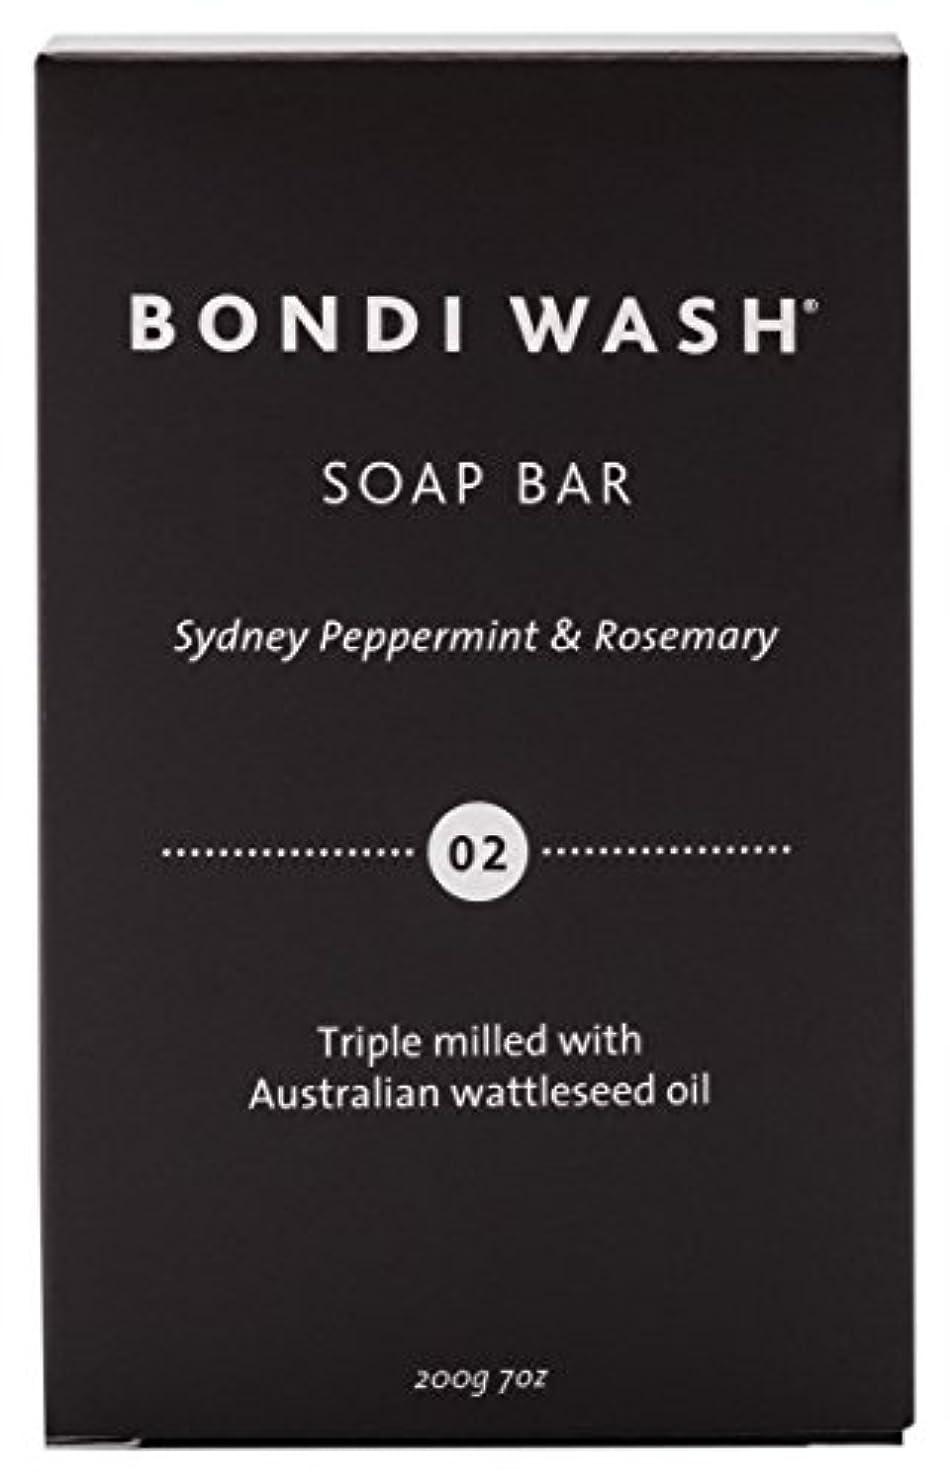 否定するペパーミント忘れっぽいBONDI WASH ソープバー(固形石鹸) シドニーペパーミント&ローズマリー 200g